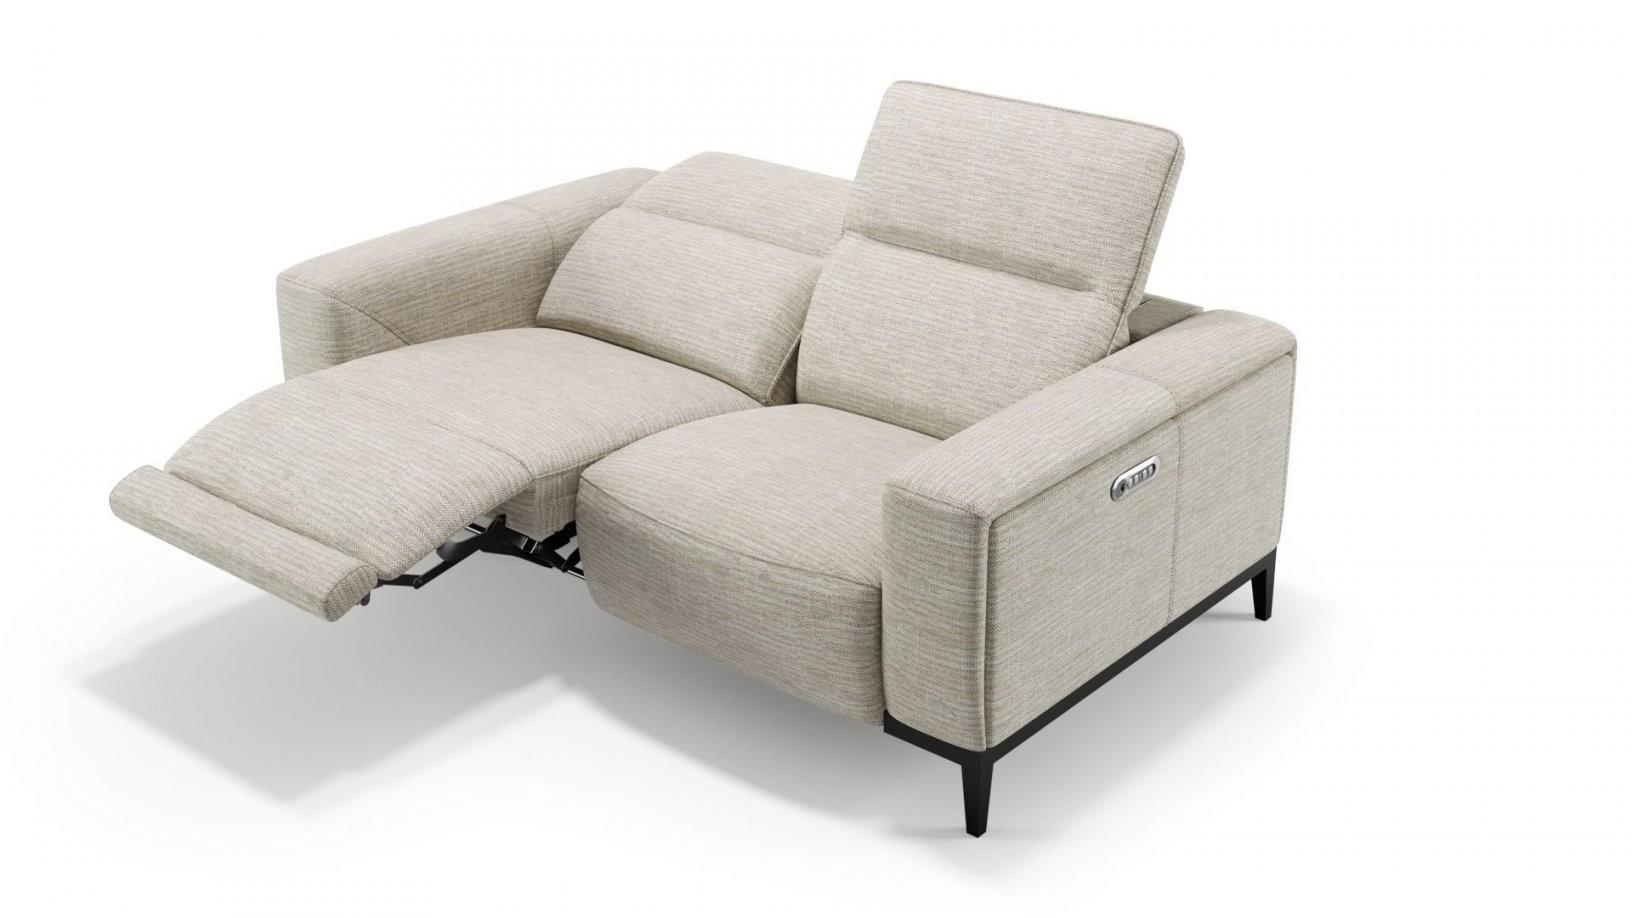 2Sitzer Sofa Modern Mit Relaxfunktion  Sofanella von Zwei Sitz Sofa Photo